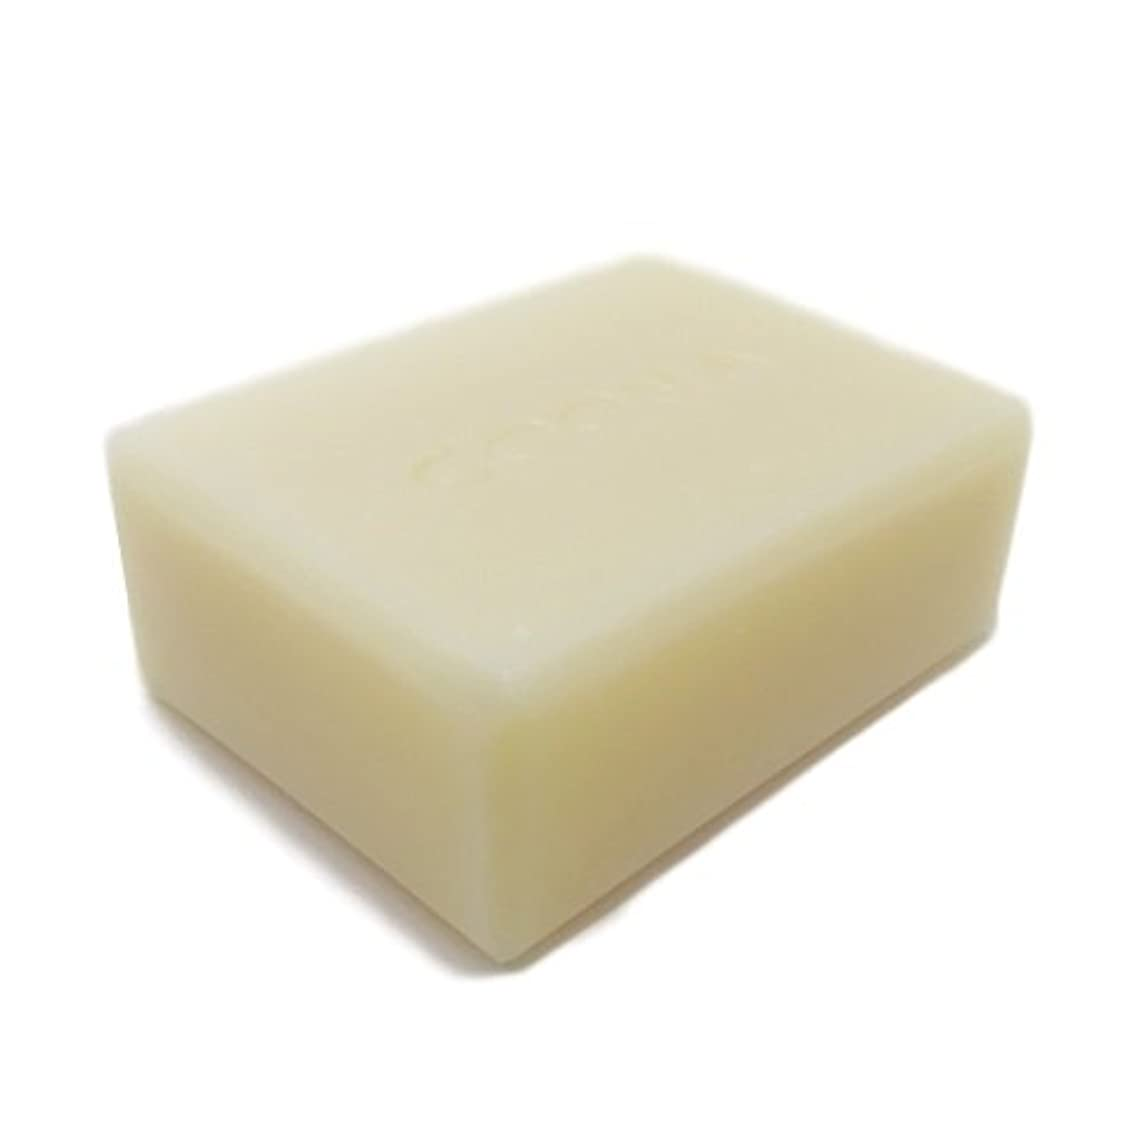 前方へめんどりキャスト洗顔石鹸 COONAピュアEO石けん ゼラニウム (天然素材 自然派 コールドプロセス 手作り せっけん) 80g